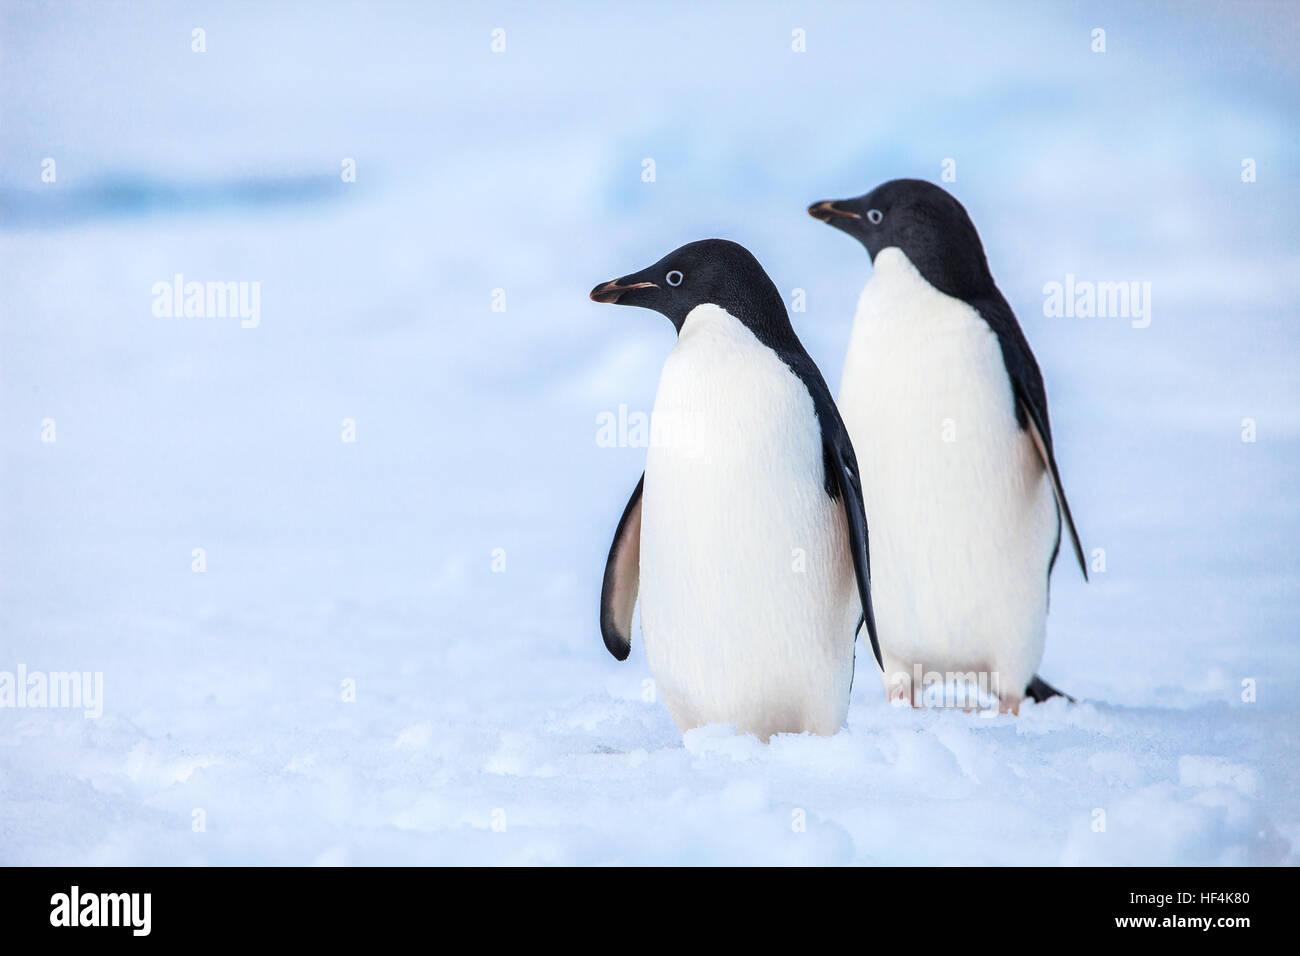 Dos pingüinos Adelie manteniendo una cuidadosa vigilancia por depredadores Imagen De Stock